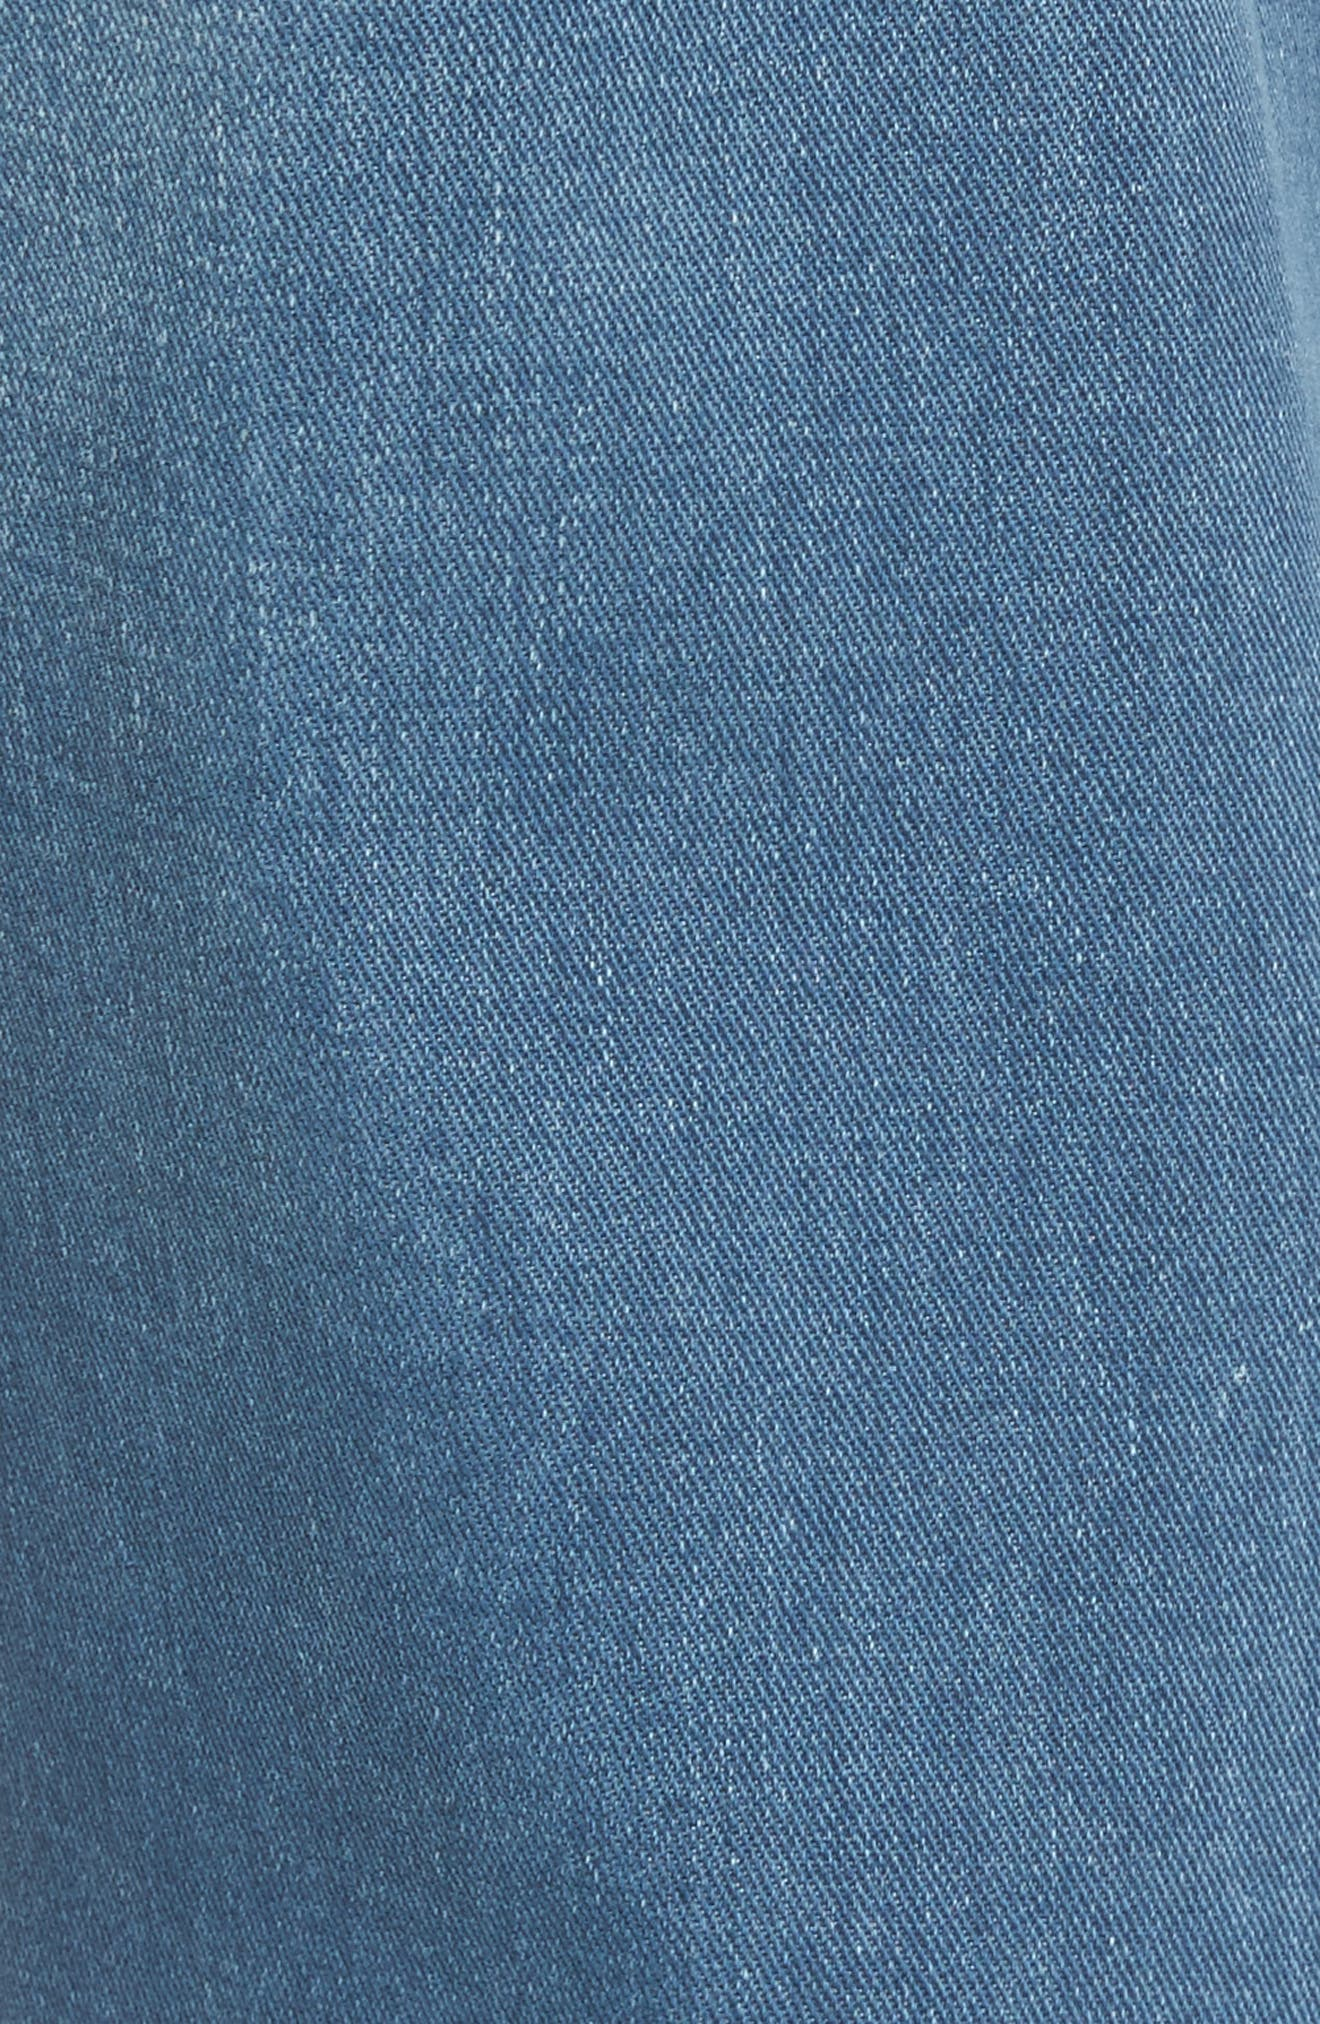 Core Slim Fit Jeans,                             Alternate thumbnail 5, color,                             427